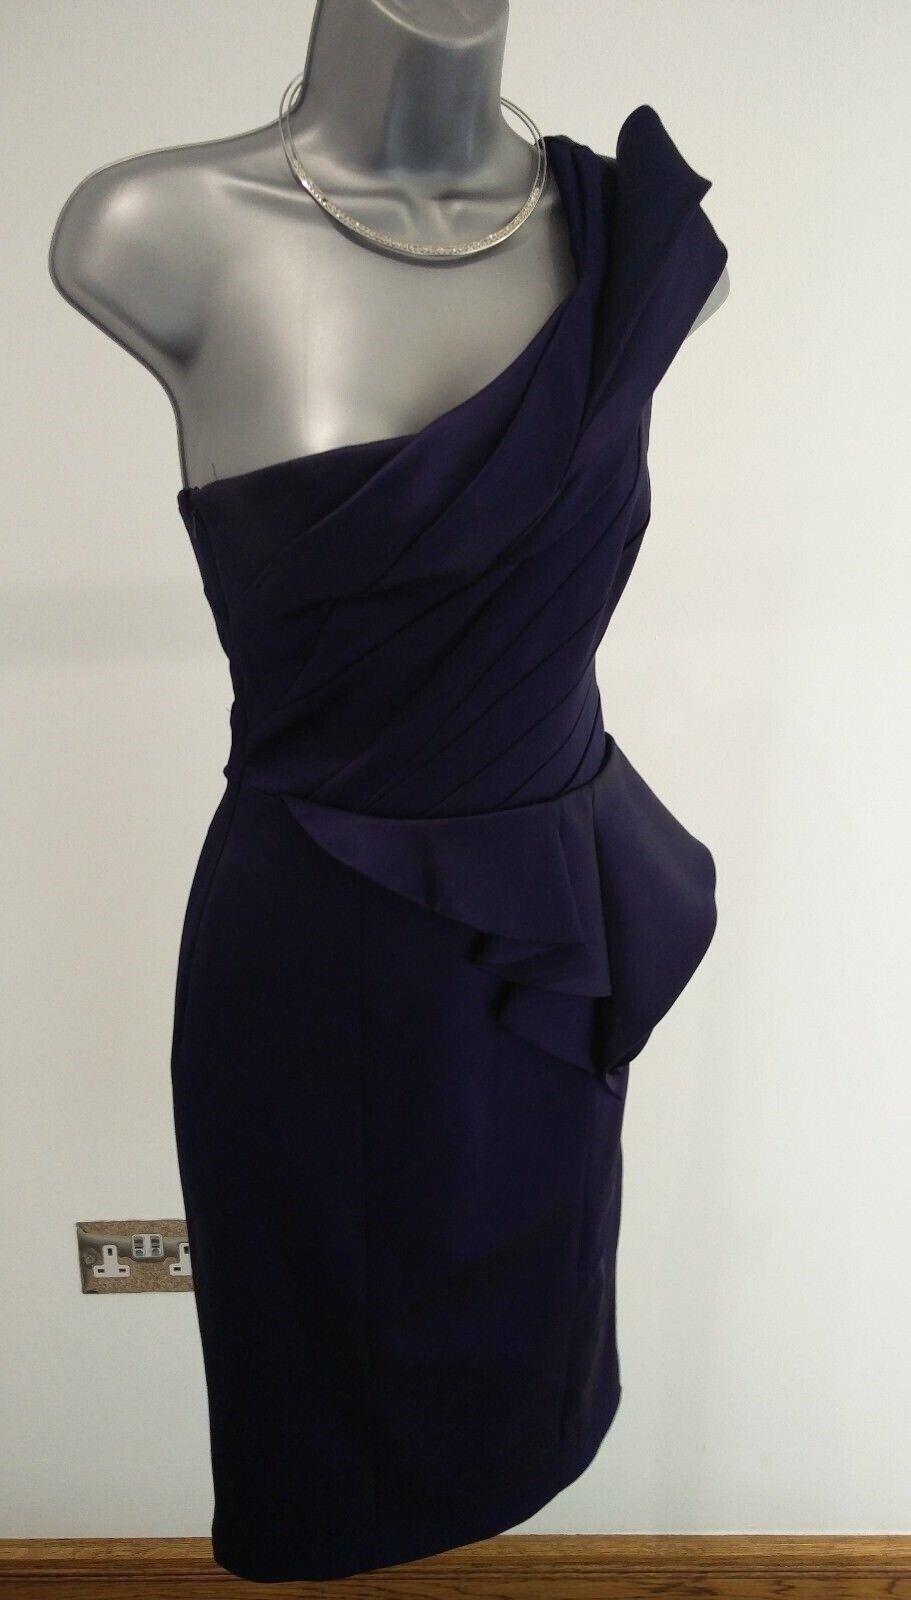 damen KAREN MILLEN ELEGANT NAVY Blau TIGHT FIT BODYCON DRESS